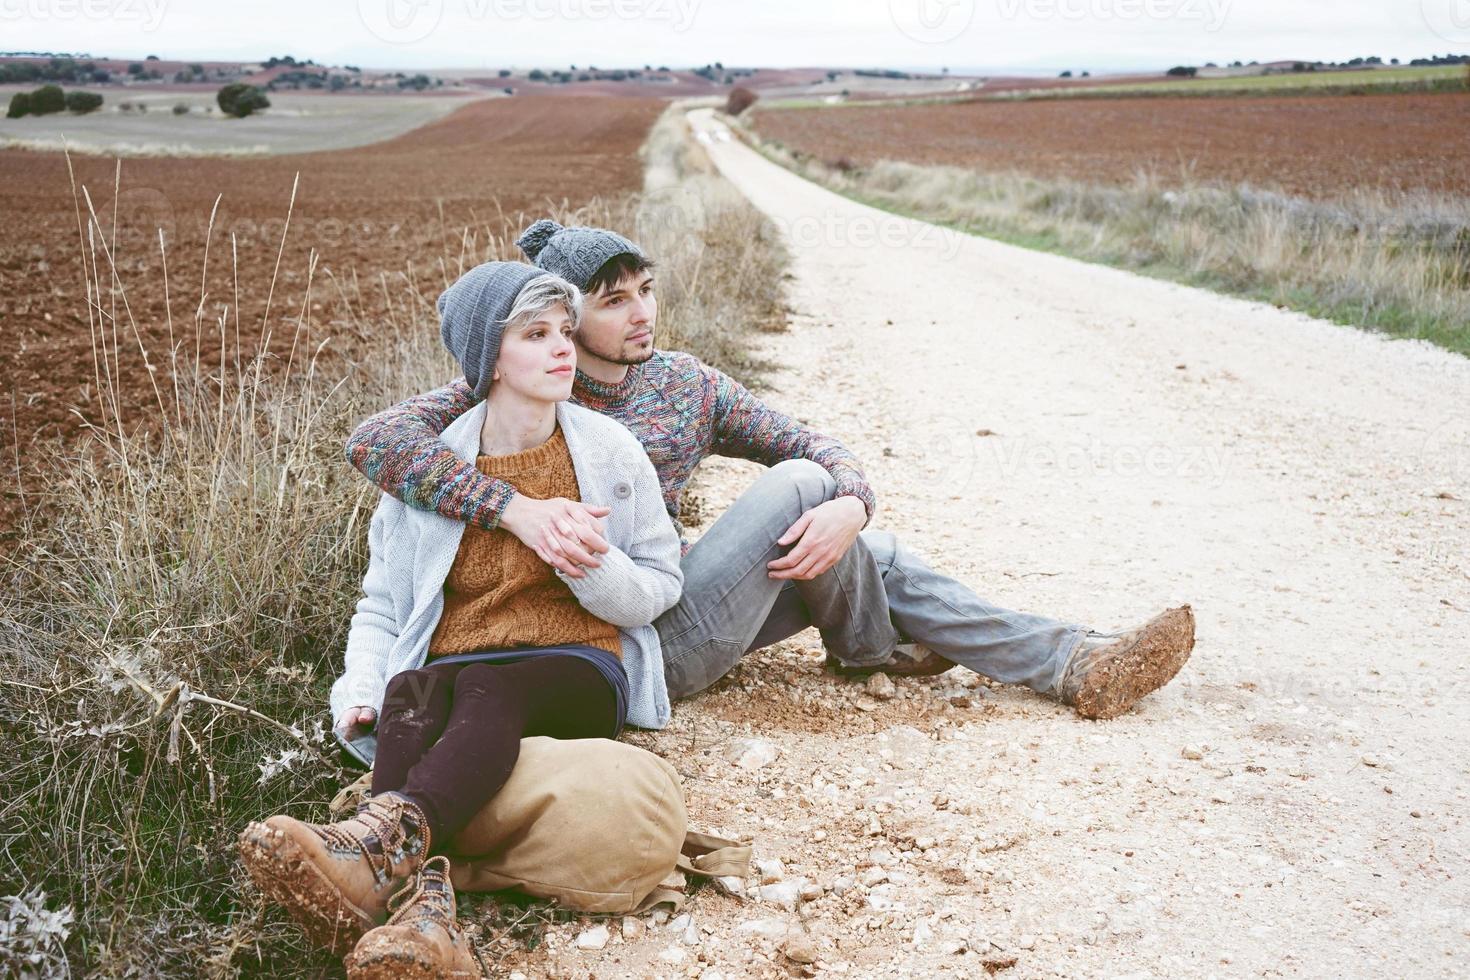 couple de jeunes millénaires s'embrassant et se reposant près d'un sac à dos lors d'un voyage d'aventure sur un chemin de campagne en plein air photo